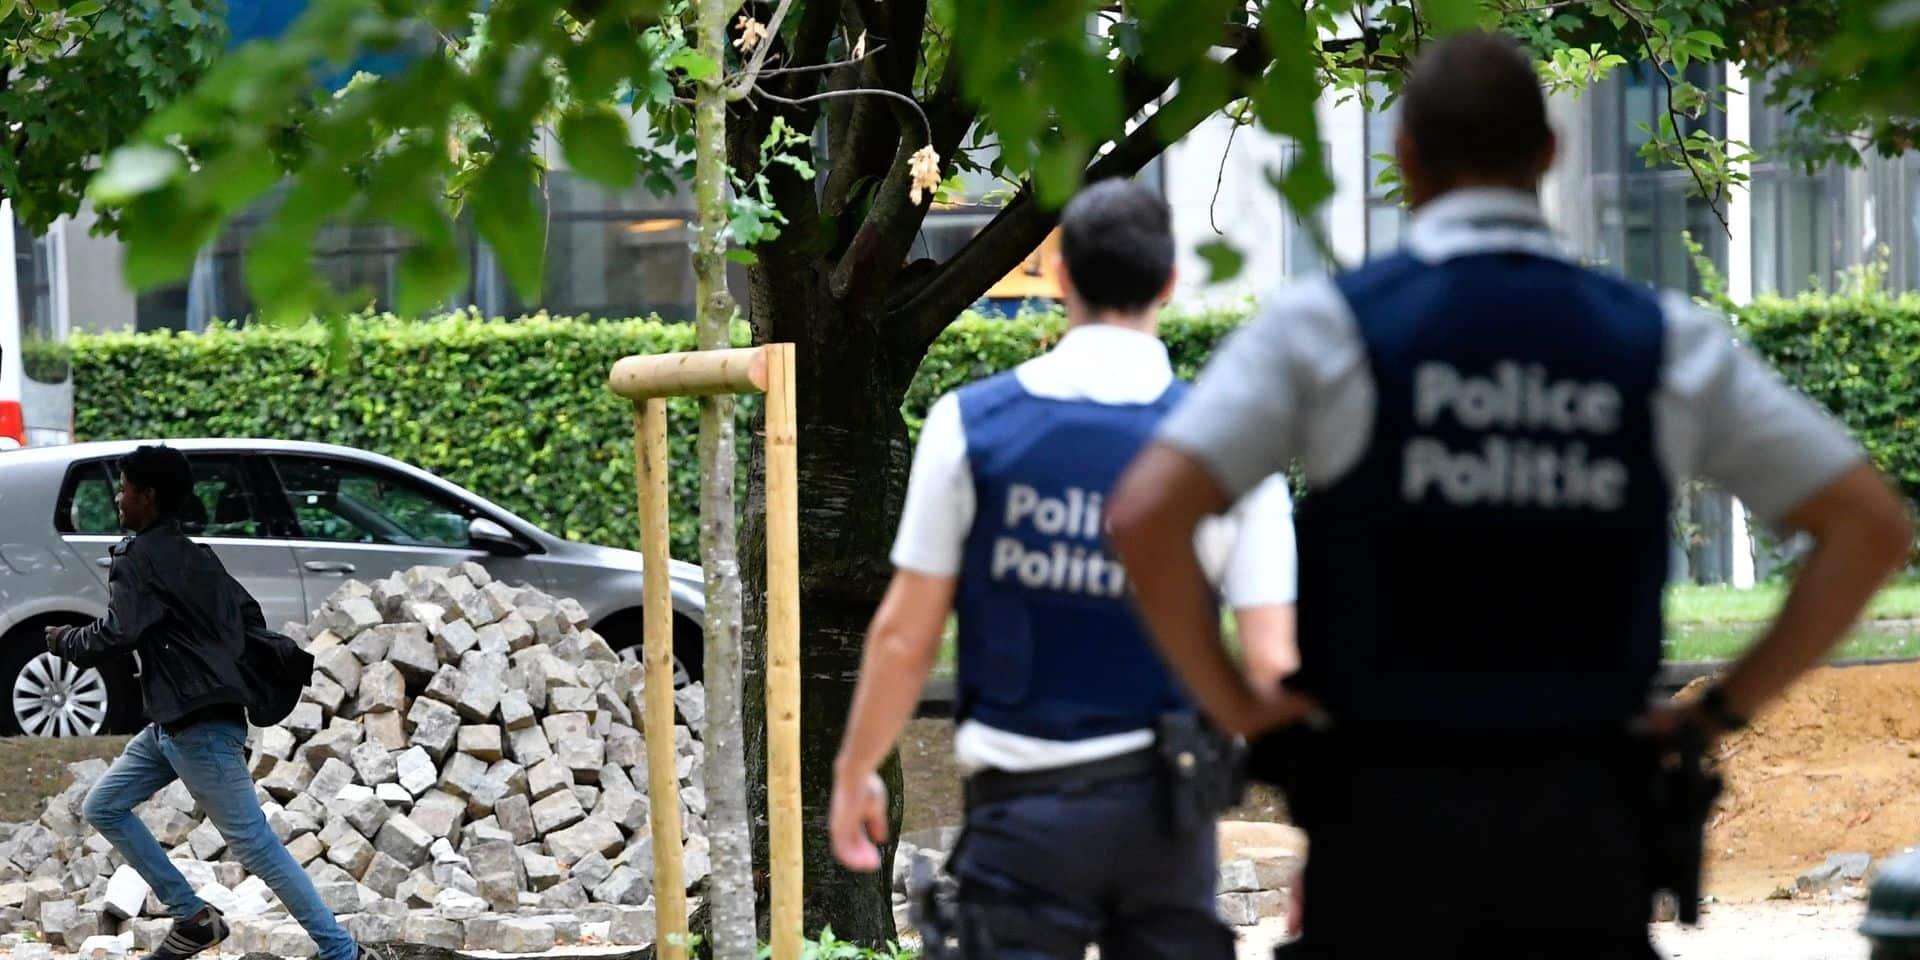 Opération de police en cours contre les migrants